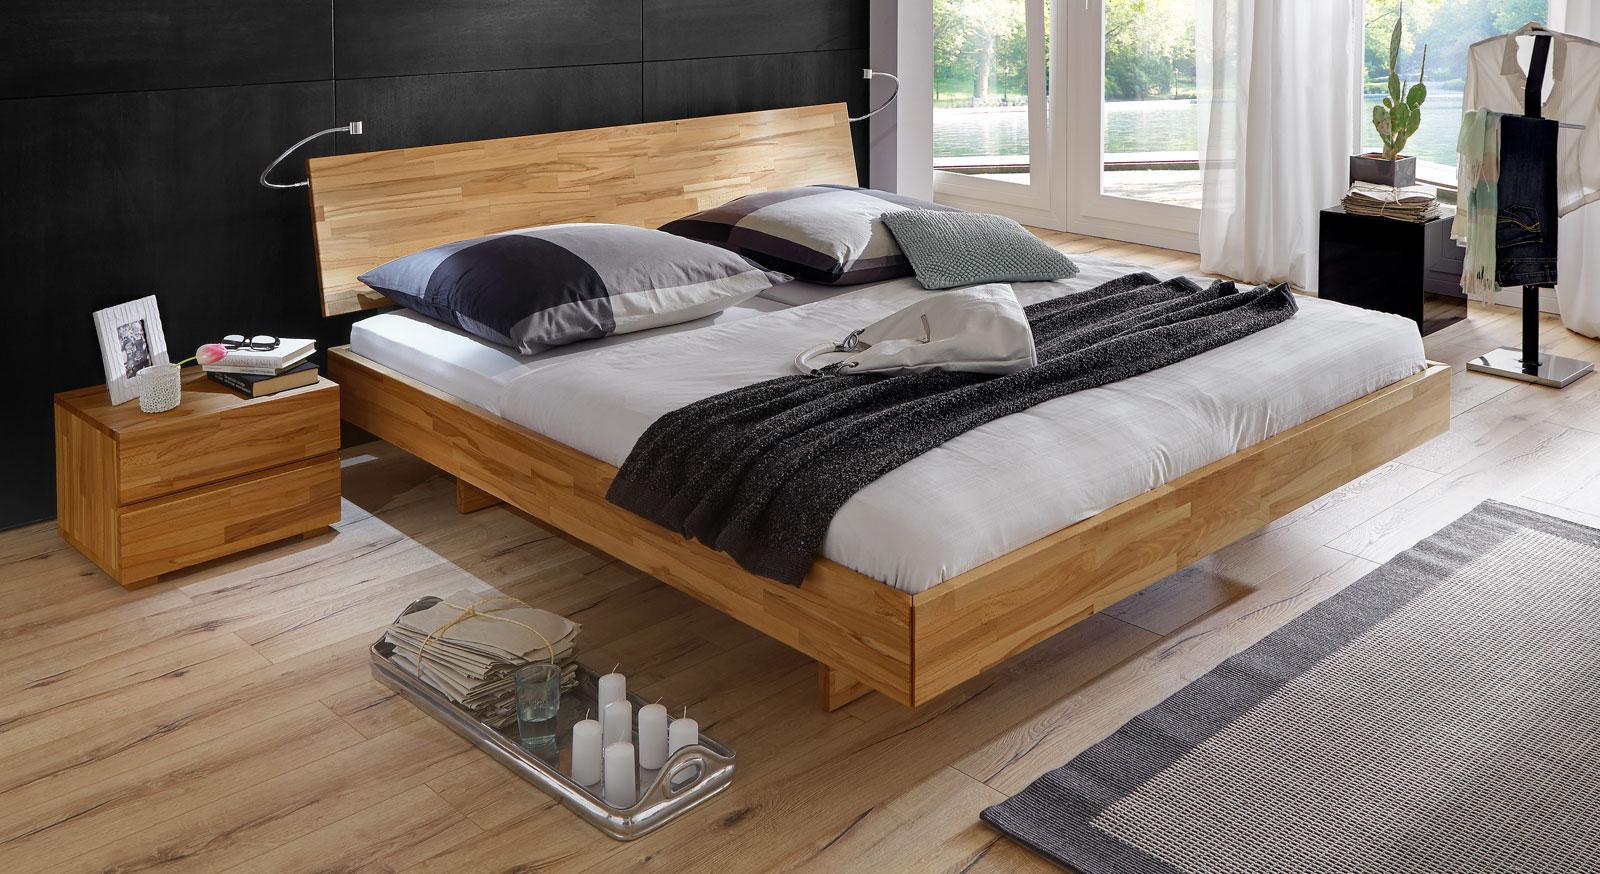 bett und in einem best download bemannen sie das schlafen in einem bett und das trumen von sen. Black Bedroom Furniture Sets. Home Design Ideas